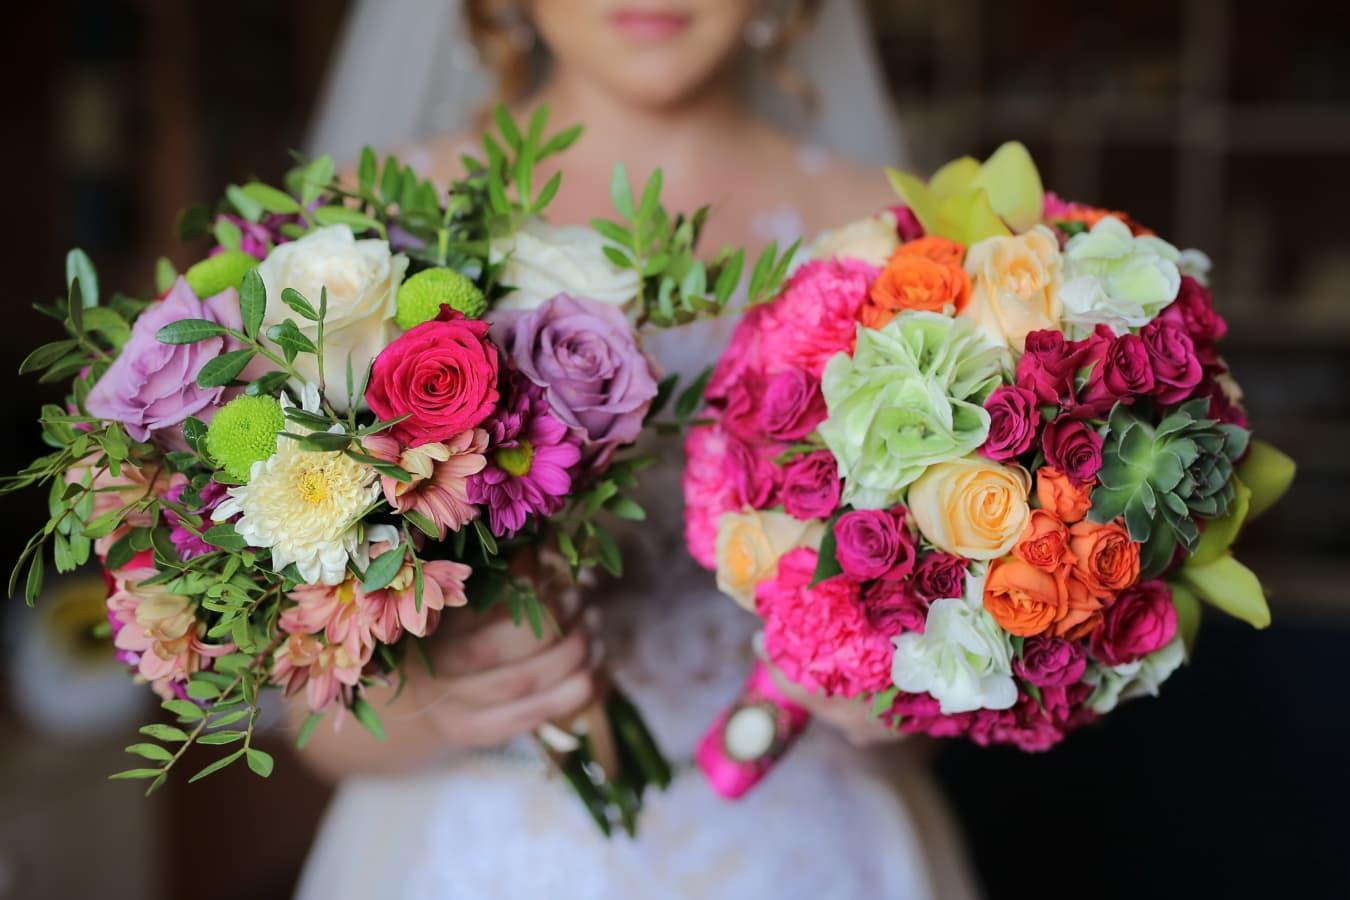 bruidsboeket, zin in hebben, bedrijf, bruid, boeket, bloem, decoratie, romantiek, liefde, regeling